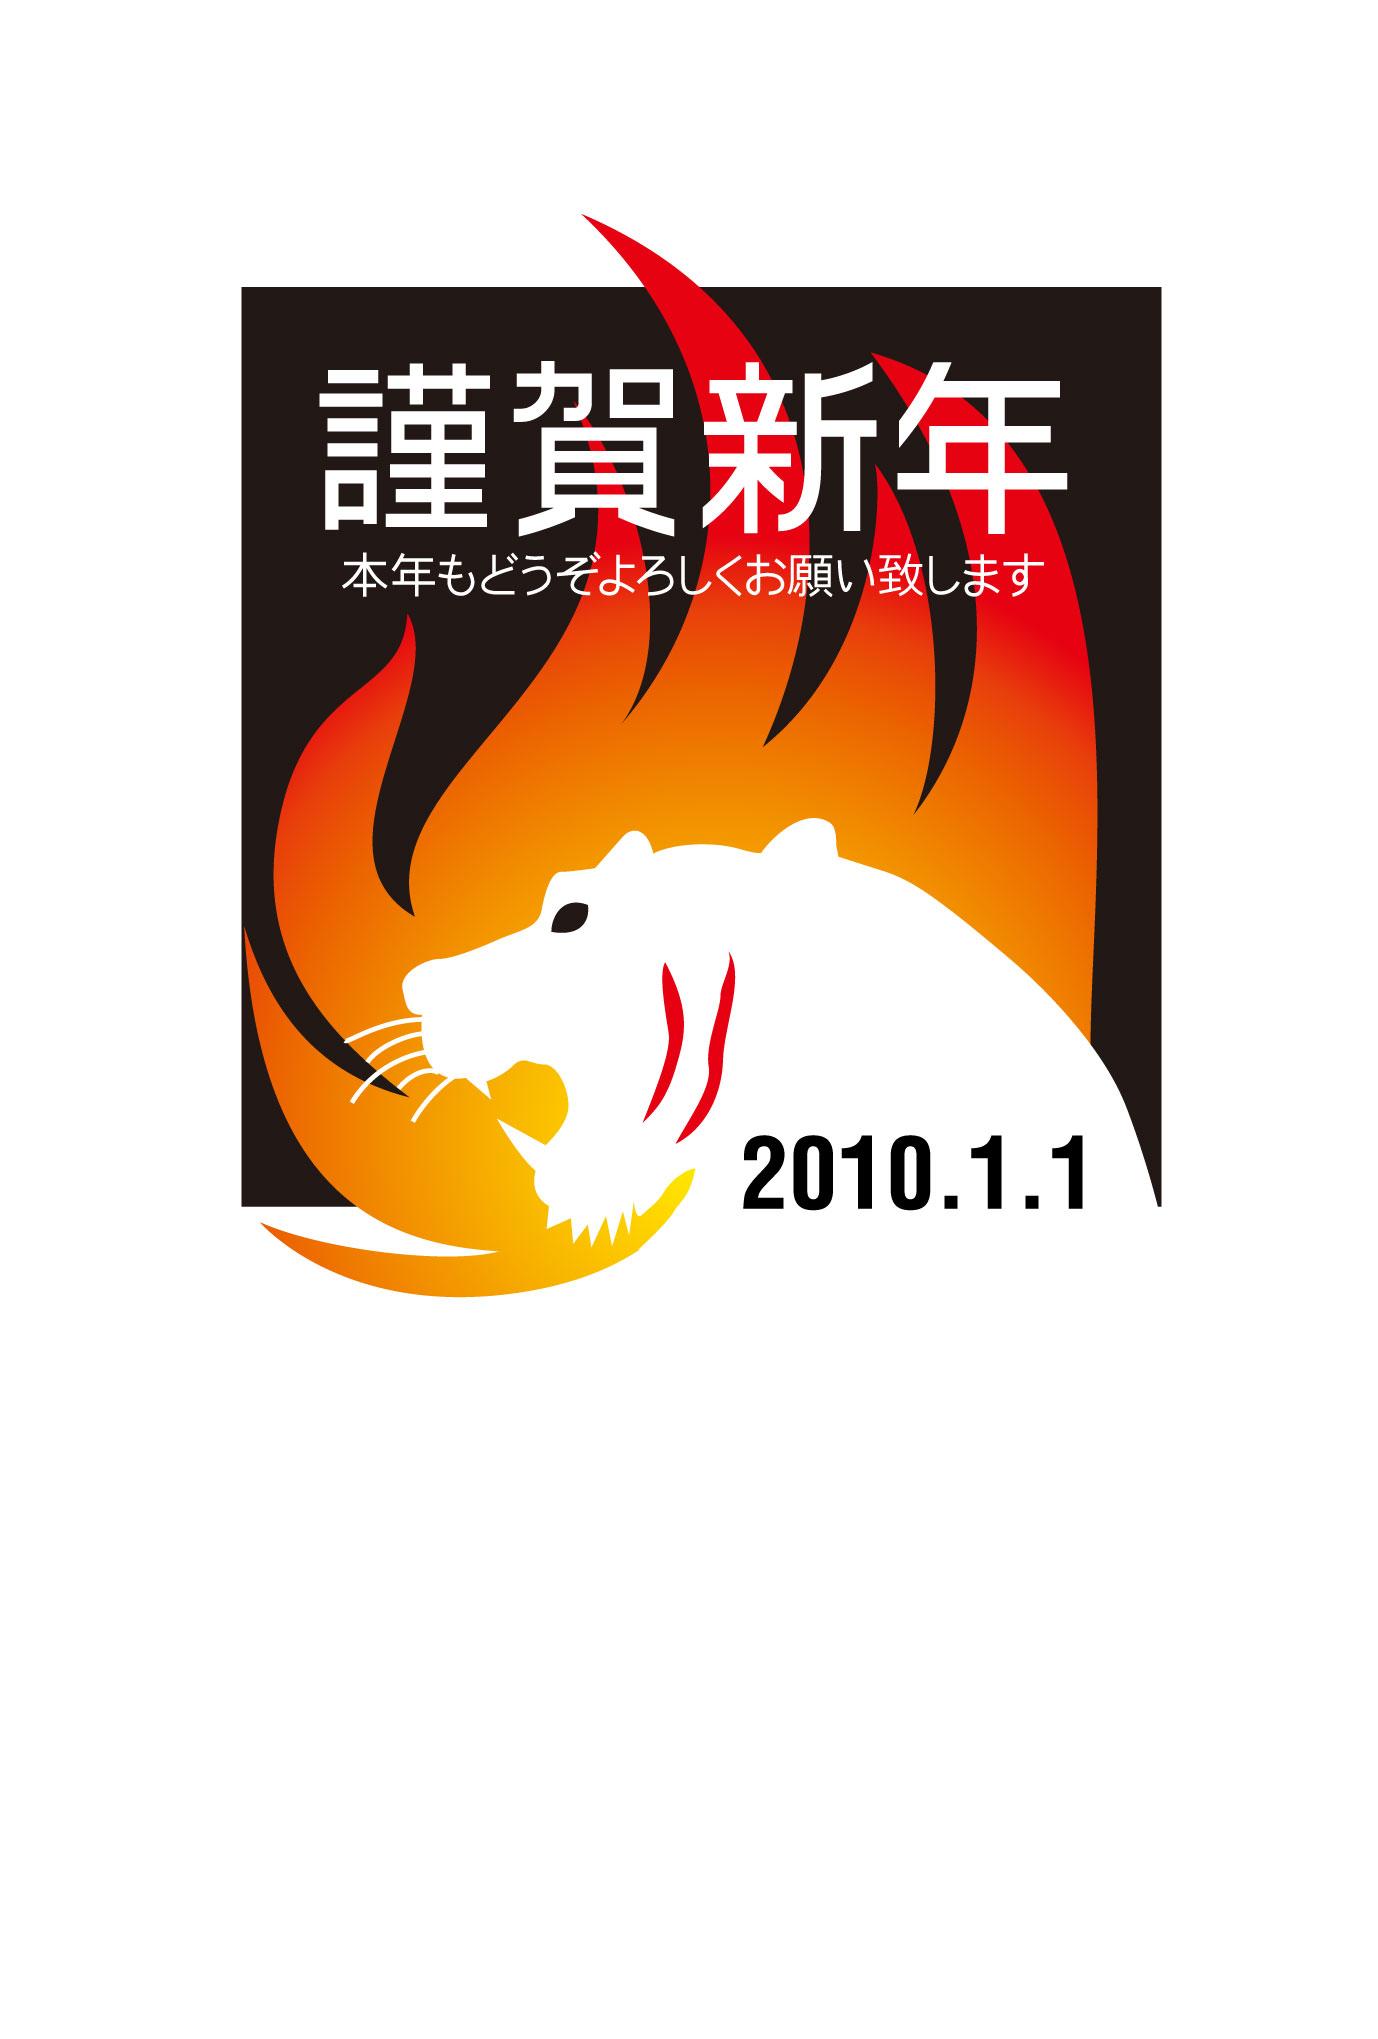 炎の挑戦-虎シルエット年賀状イラストa08